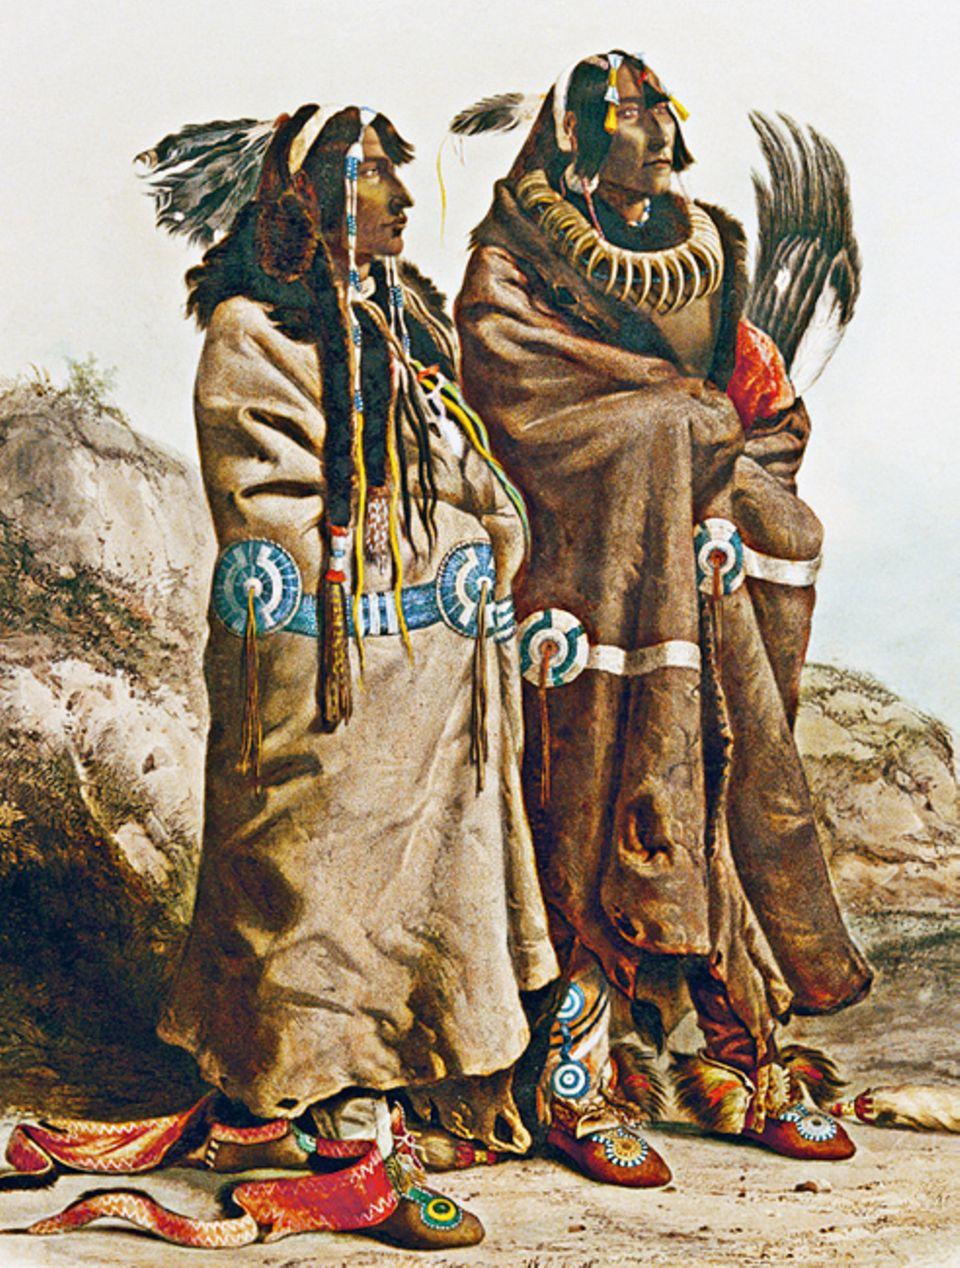 Trapper - 1803-1840: Anders als andere Prärieindianer siedeln die Mandan in festen Dörfern und betrei- ben Ackerbau